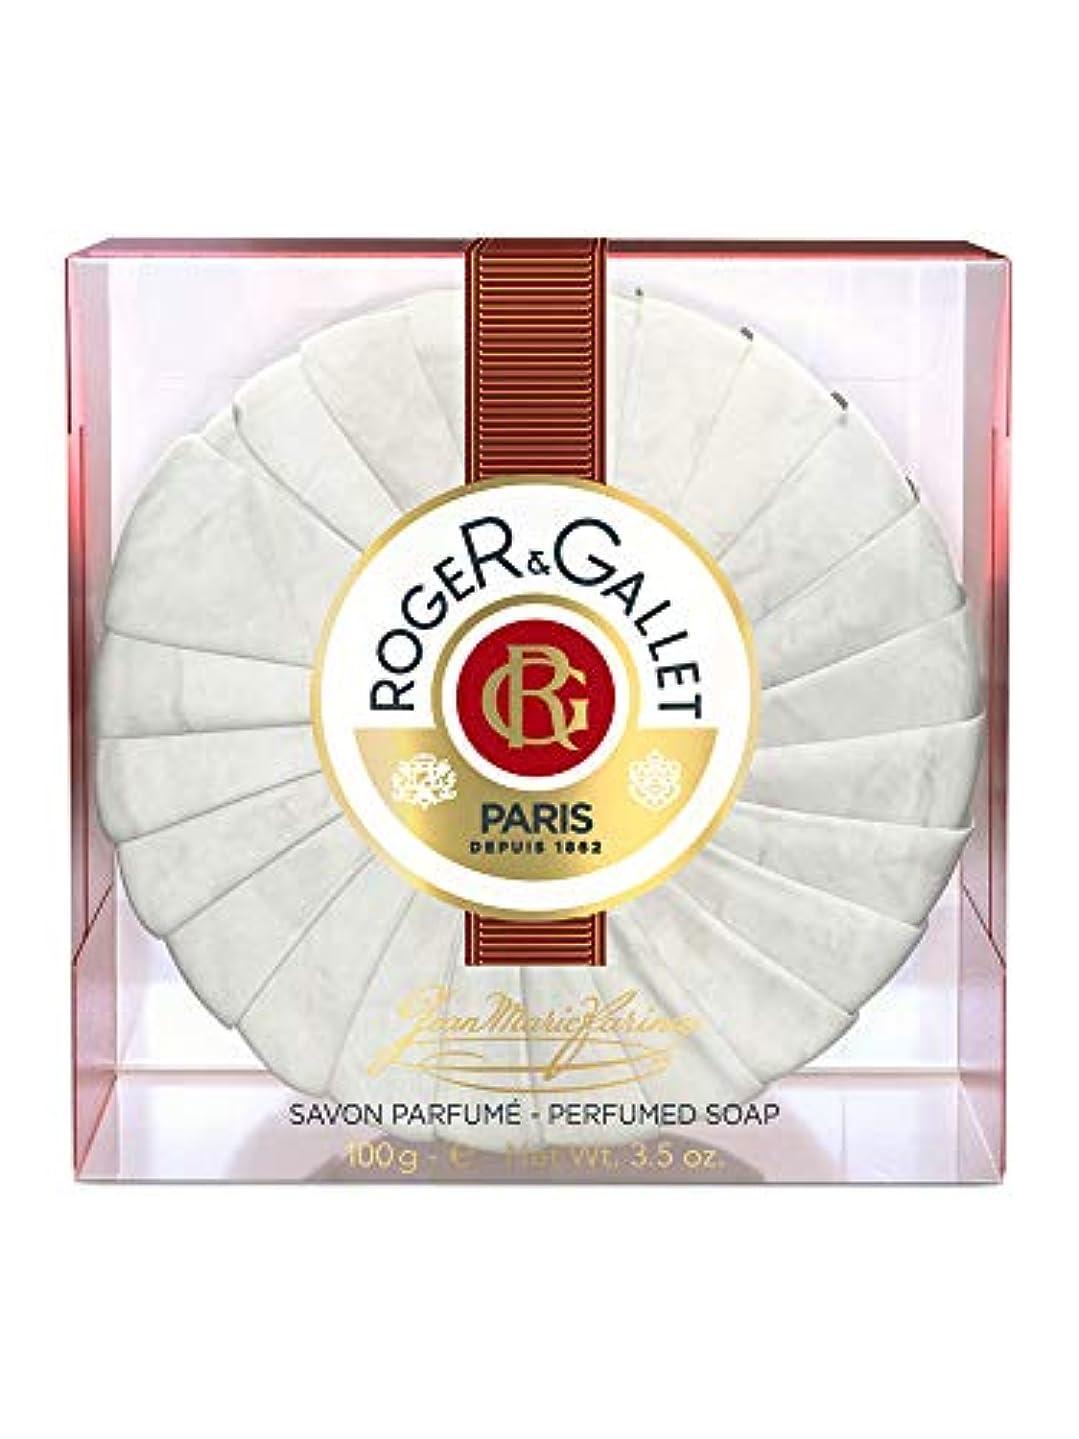 望み滅多シニスロジェガレ ジャンマリファリナ パフュームソープ (香水石鹸) 100g ROGER&GALLET JEAN MARIE FARINA SOAP(プラスチック簡易ケース入り) [並行輸入品]